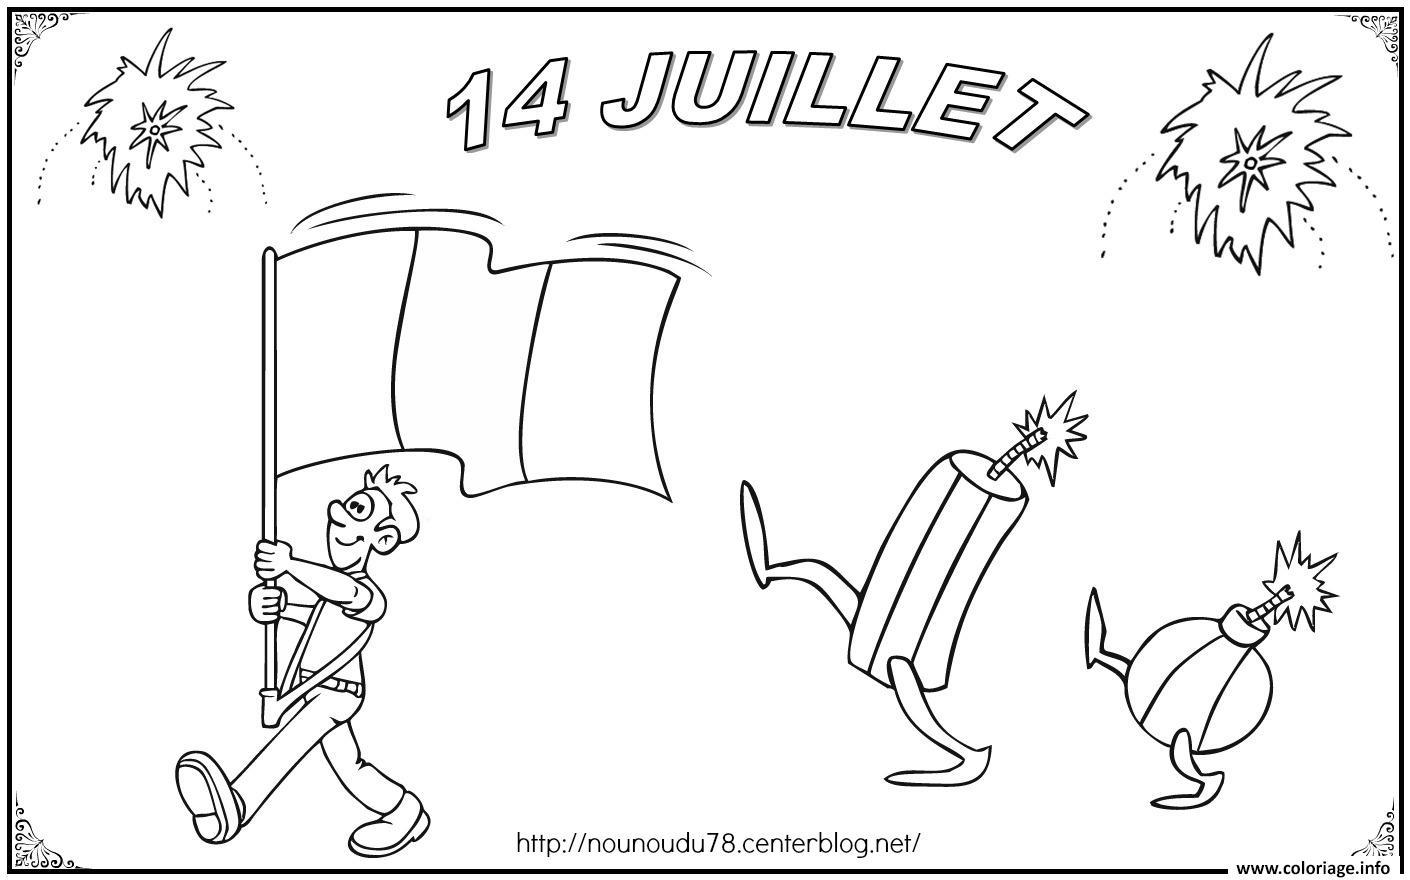 Dessin 14 juillet fete nationale france Coloriage Gratuit à Imprimer